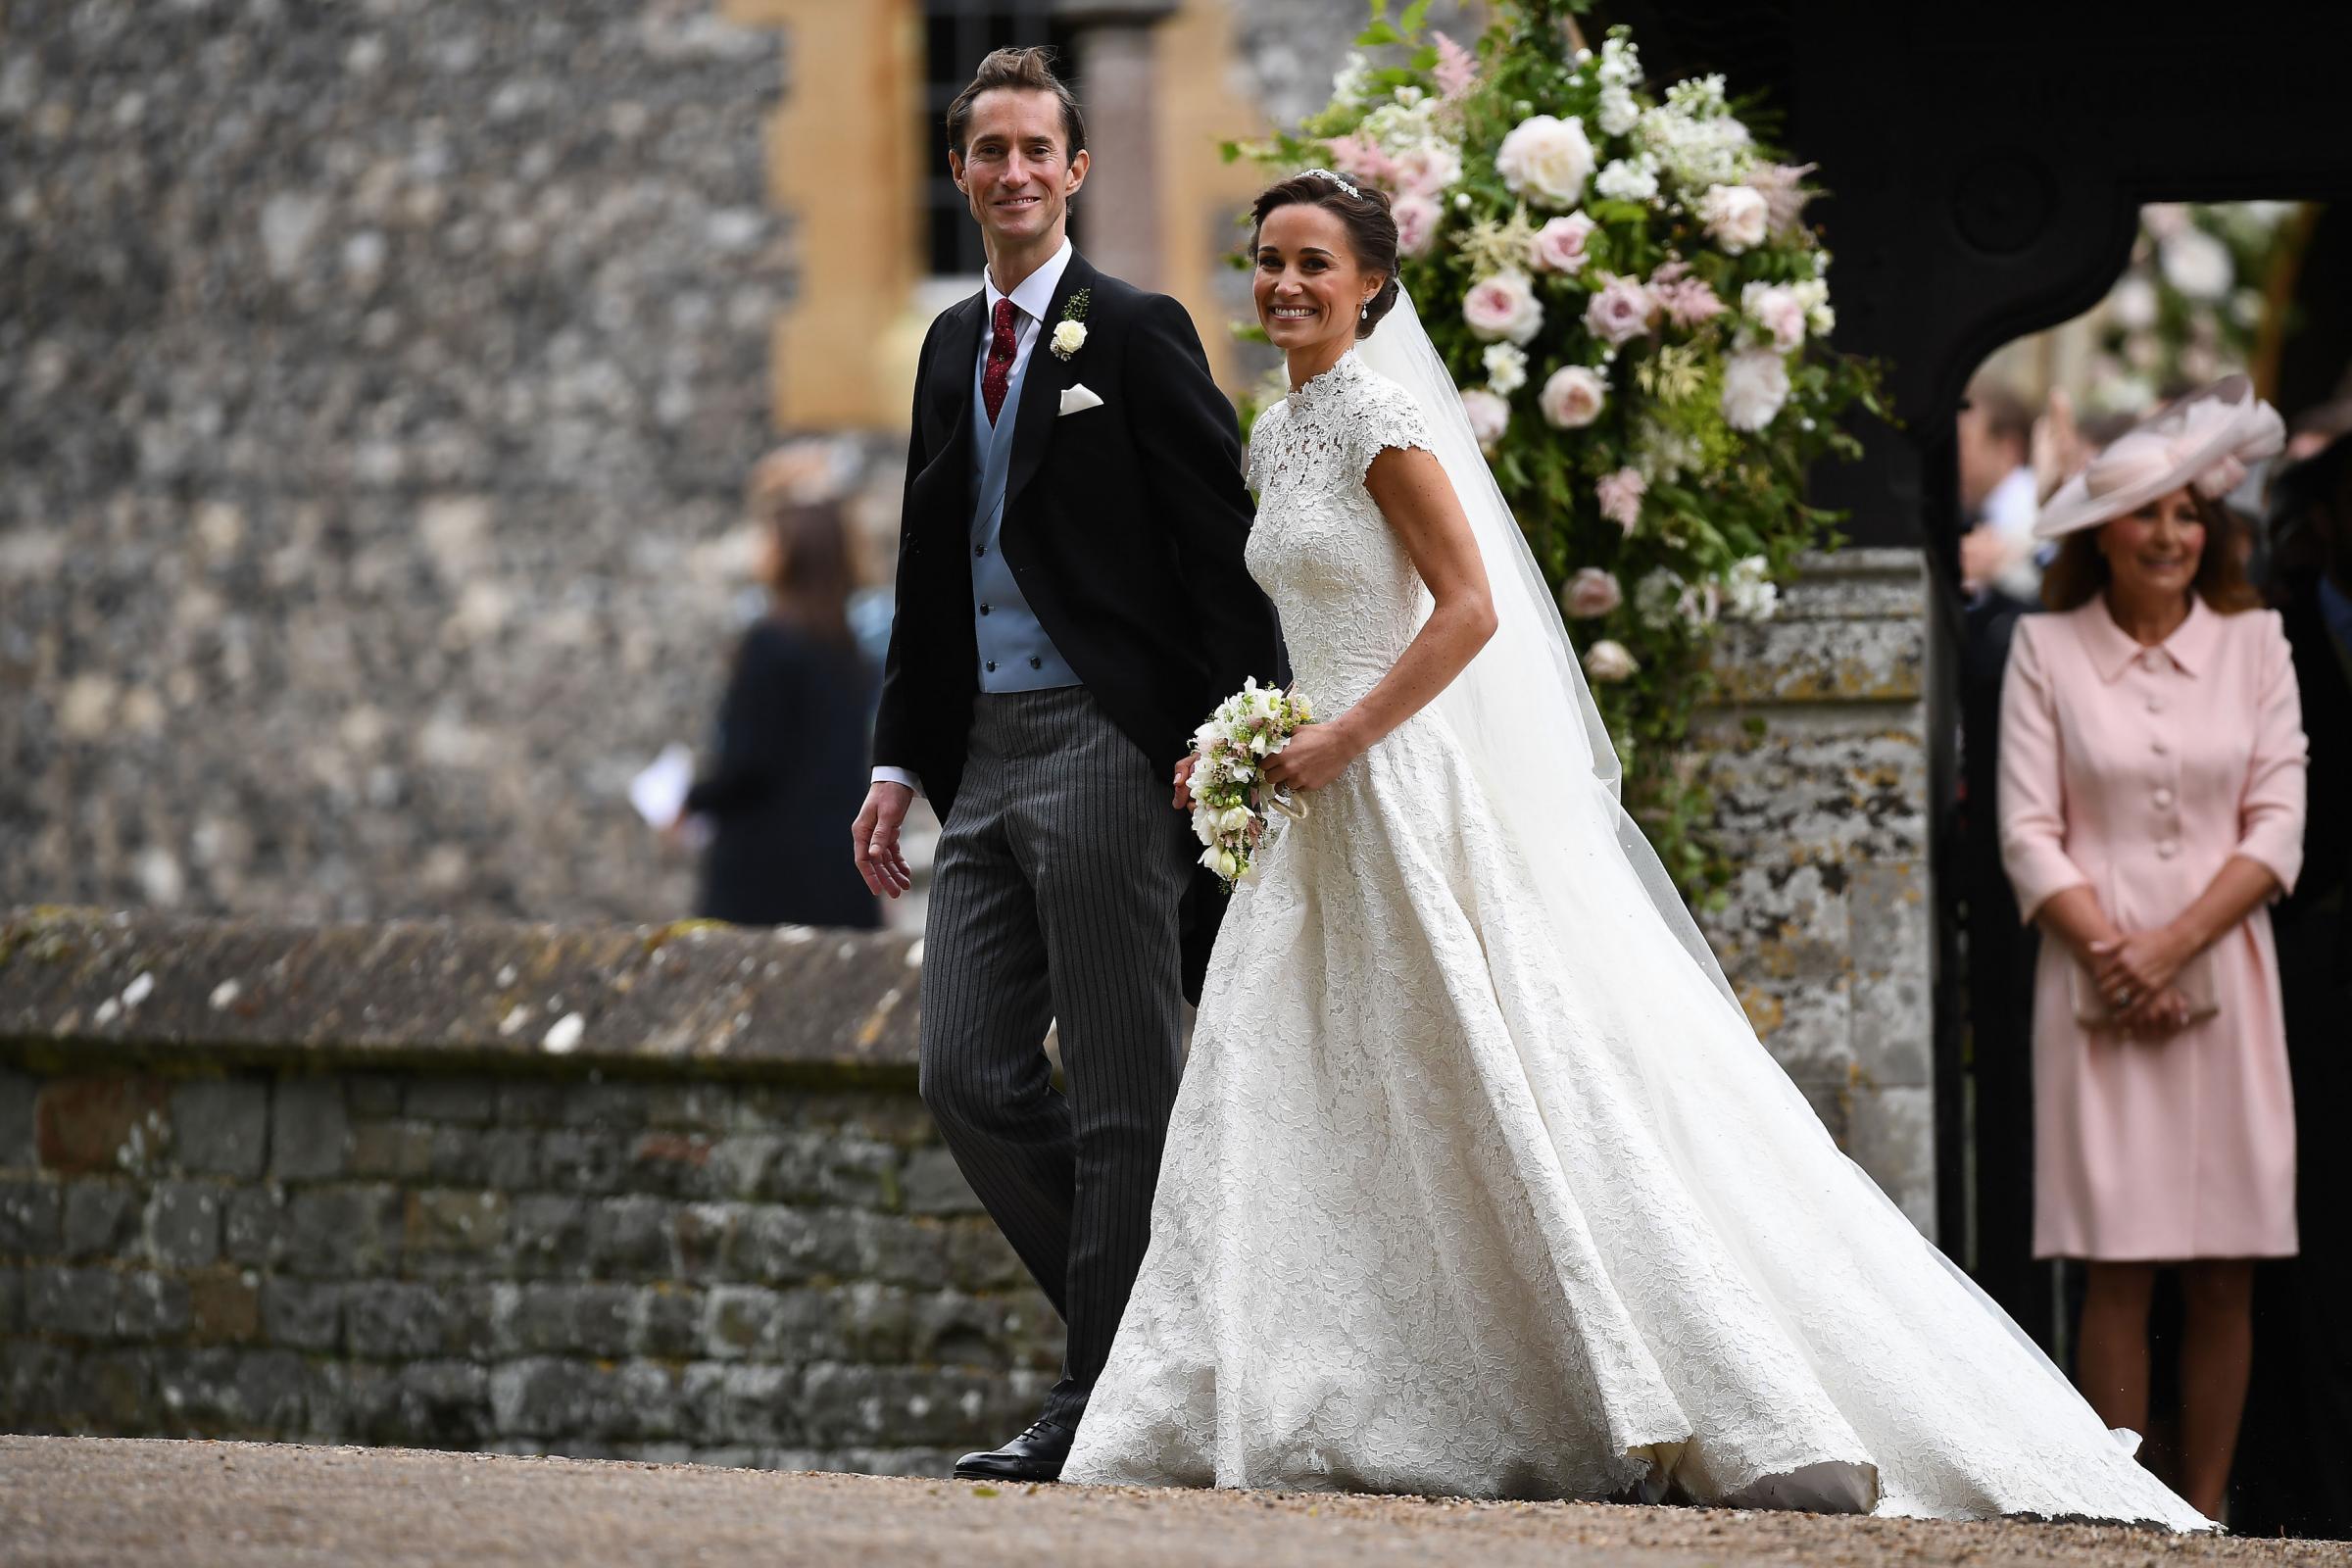 Matrimonio Pippa Middleton : Matrimonio pippa middleton: i dettagli del ricevimento pourfemme